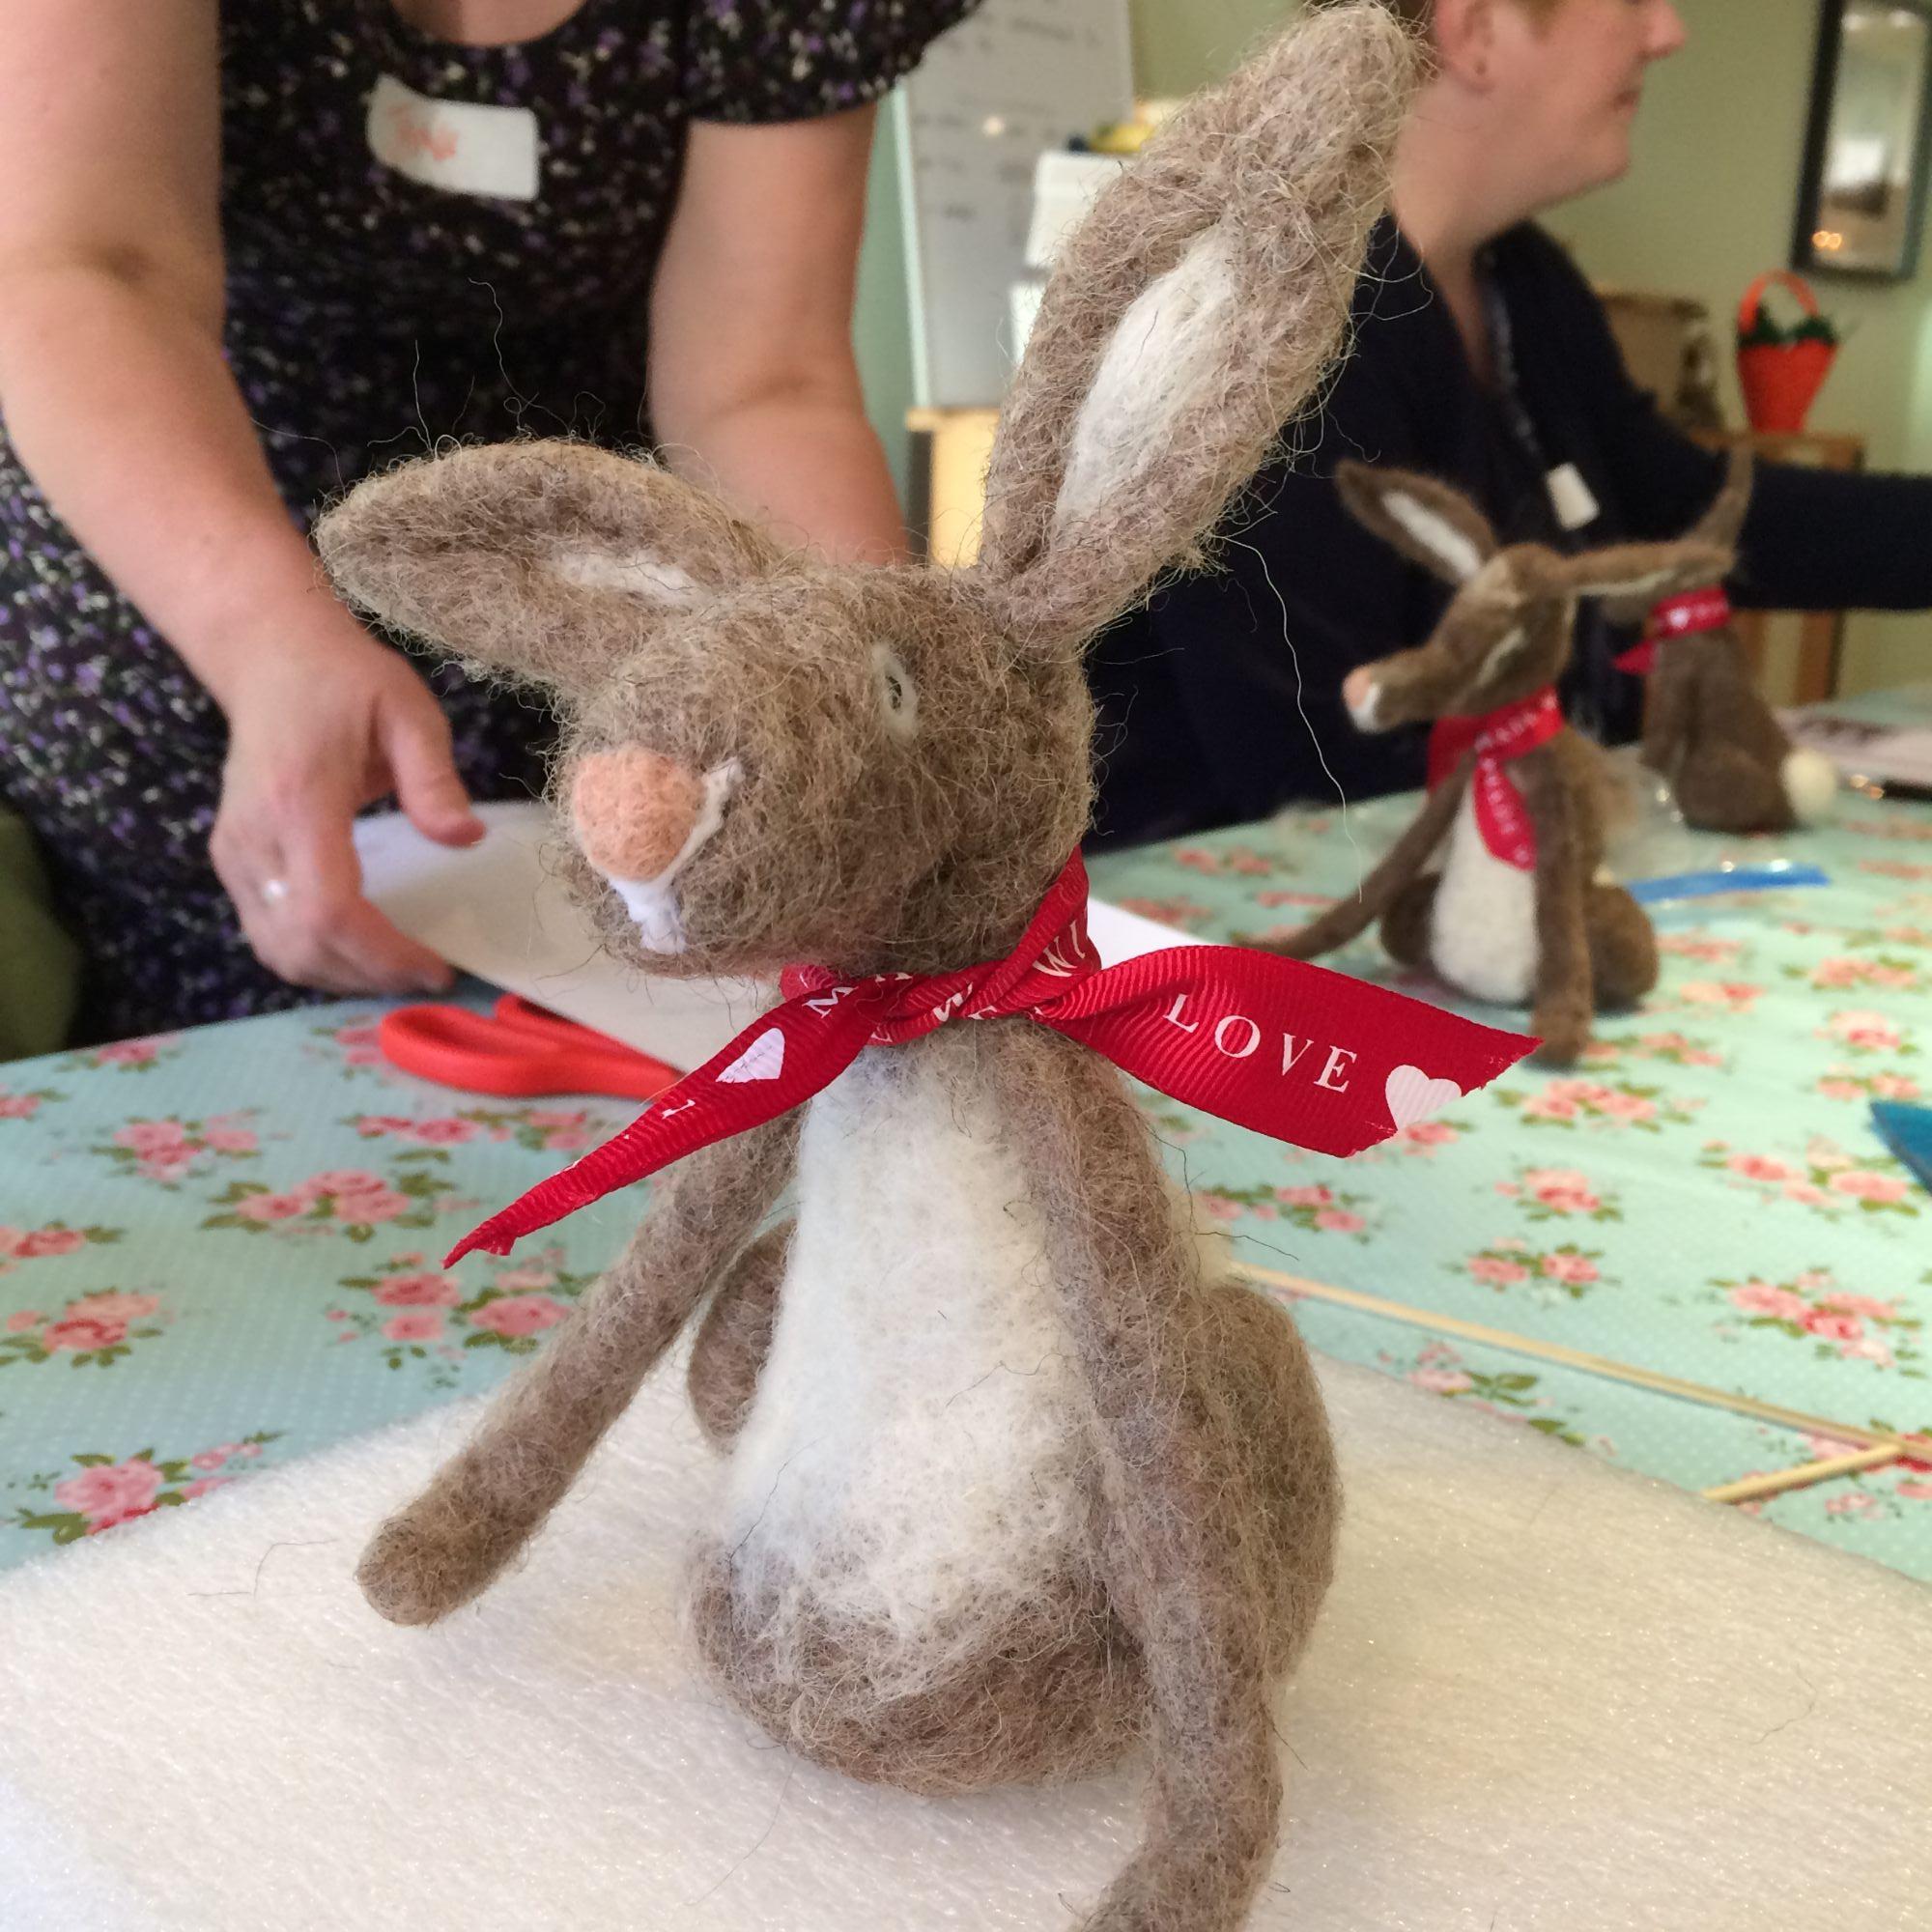 Hare Needle Felting Workshop - Hare